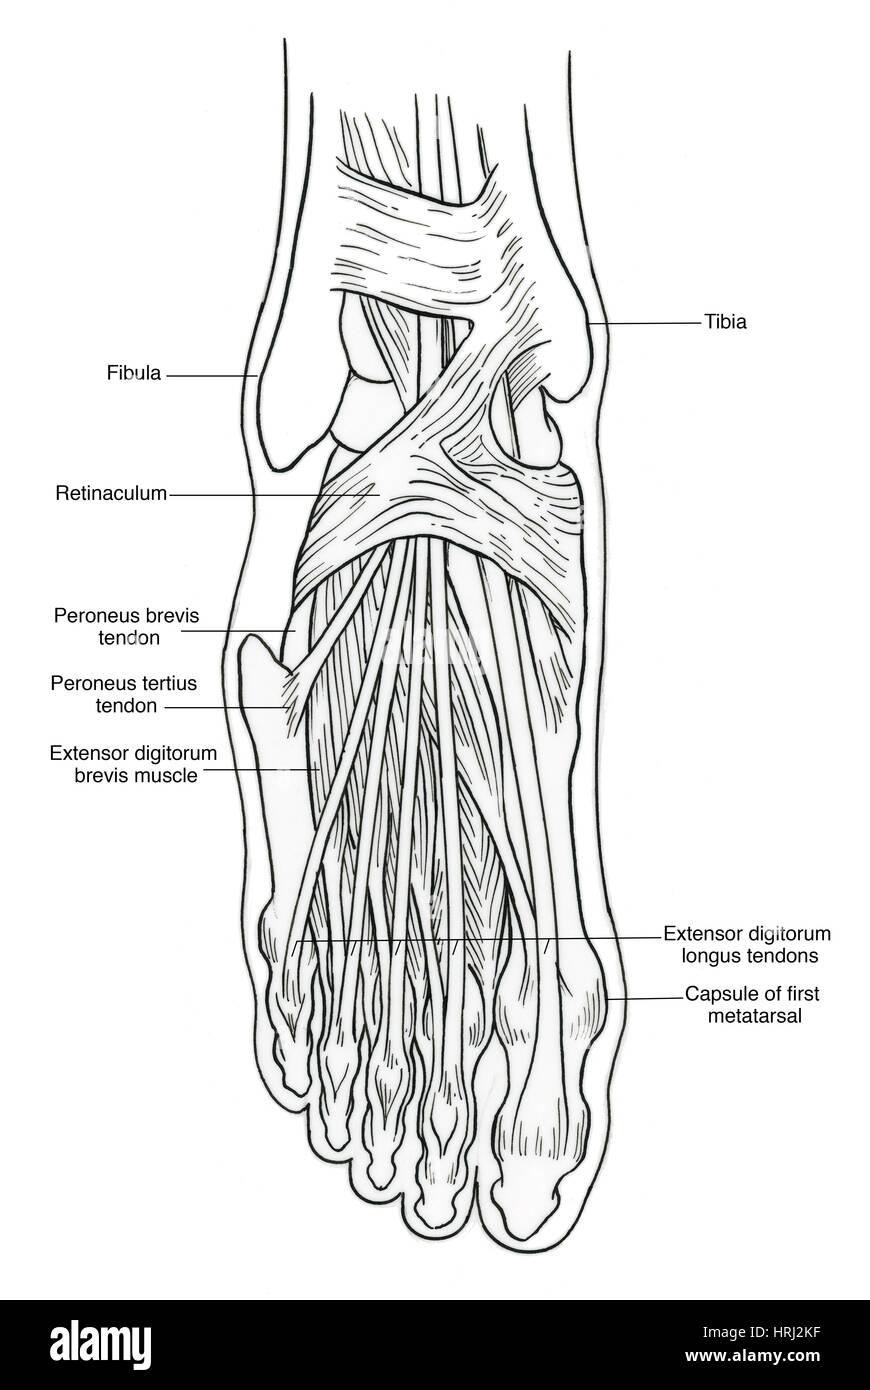 Darstellung der Anatomie des Fußes Stockfoto, Bild: 135006915 - Alamy